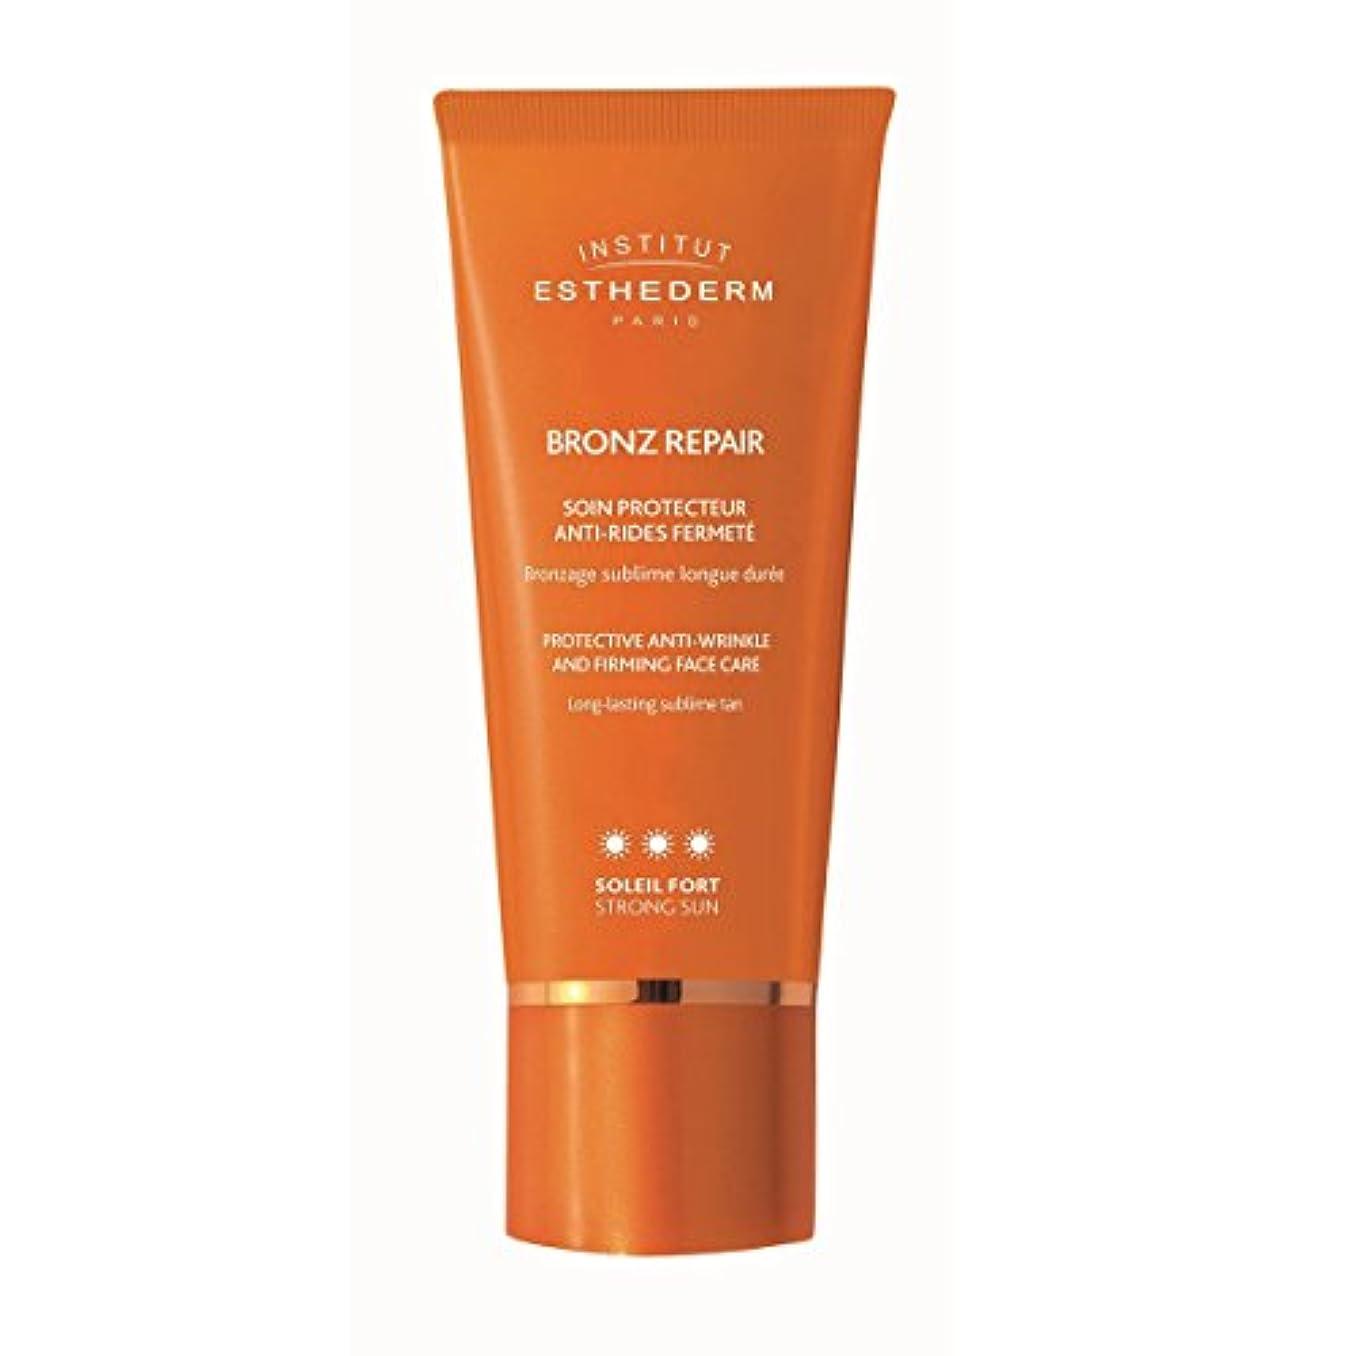 倍率幸運ポーチInstitut Esthederm Bronz Repair Protective Anti-wrinkle And Firming Face Care Strong Sun 50ml [並行輸入品]